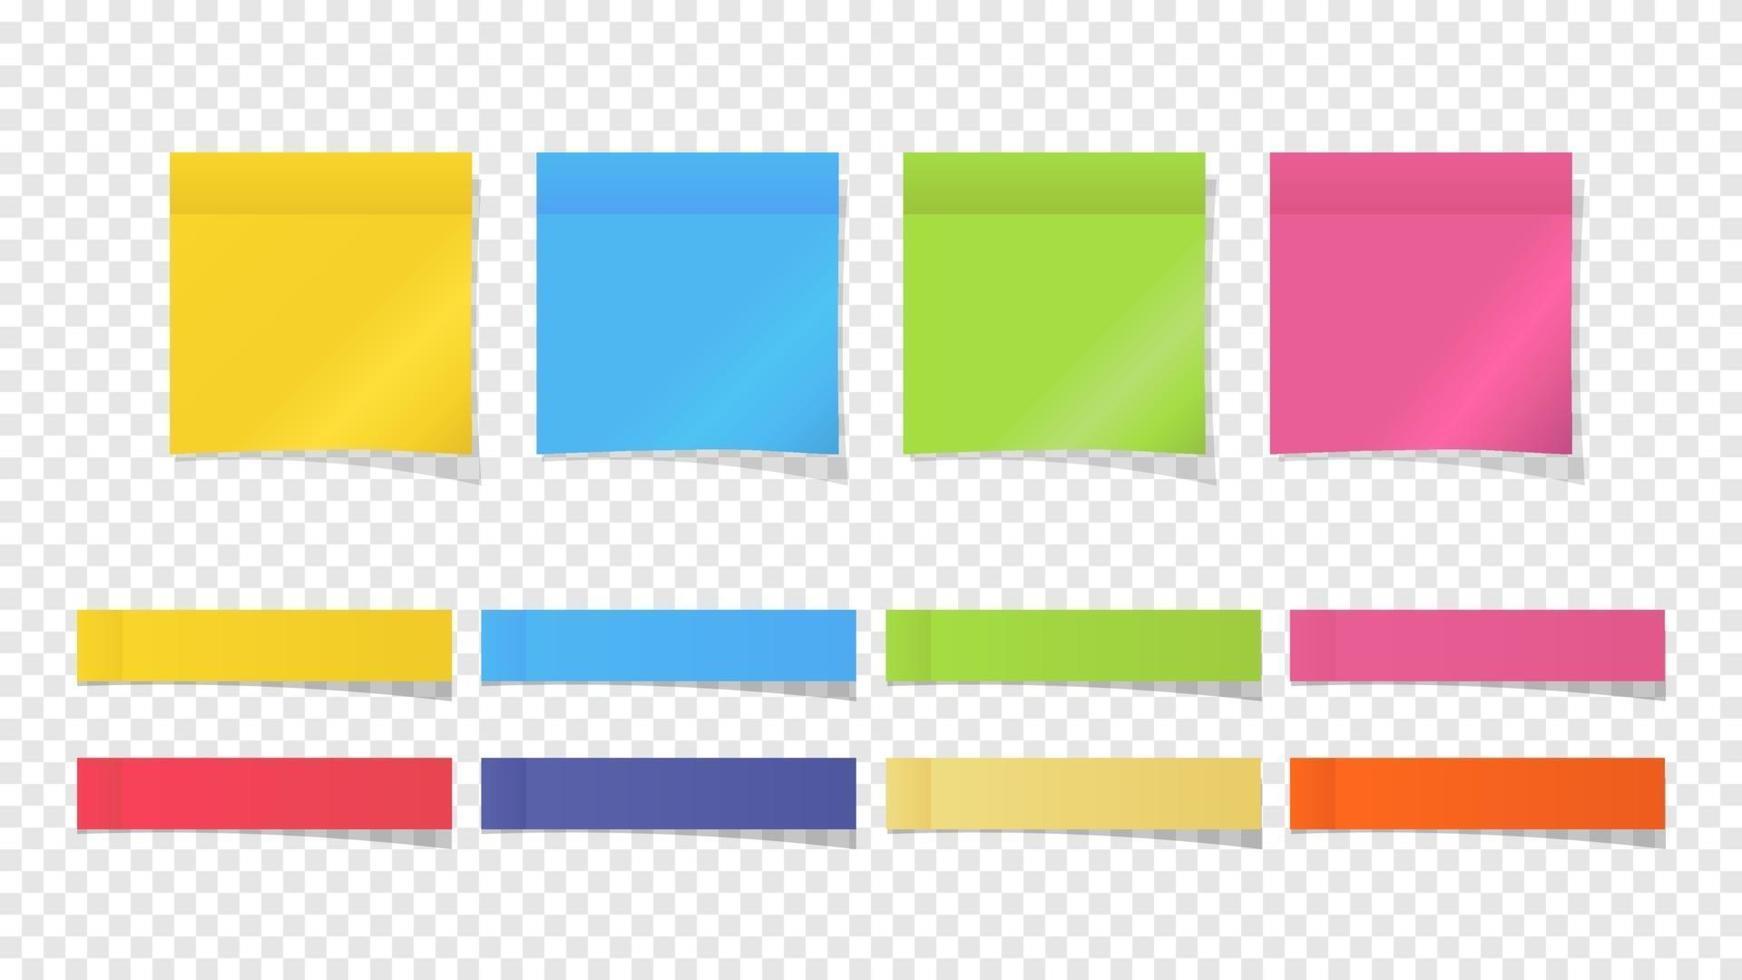 illustration de notes autocollantes, mémos papier de différentes couleurs vecteur